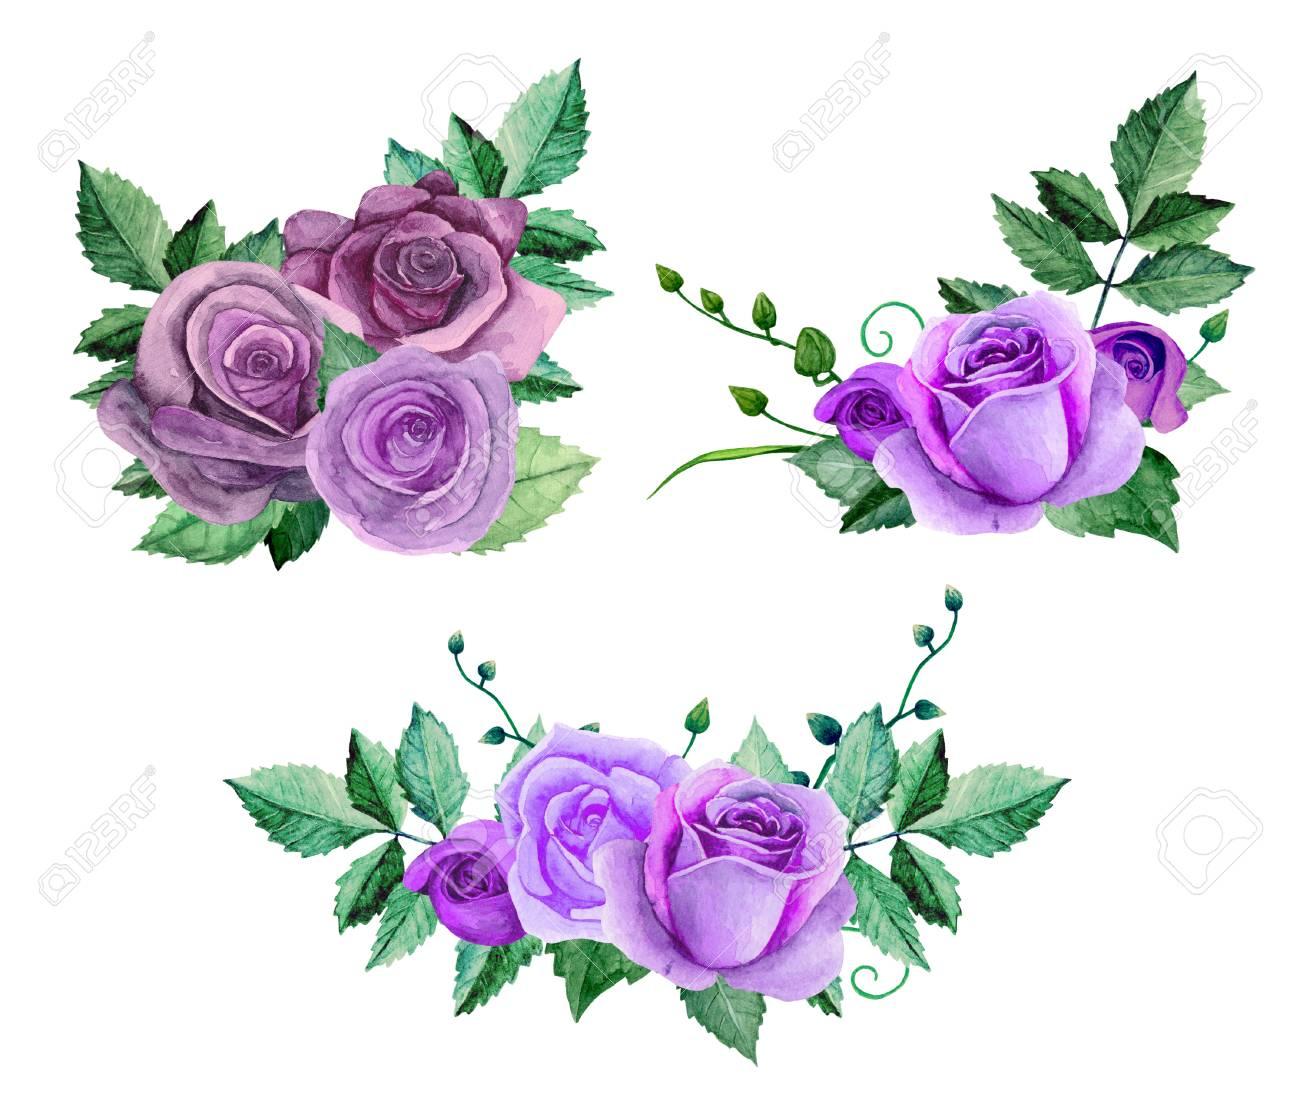 Watercolor purple roses bouquets. Flowers clip art. Floral hand...